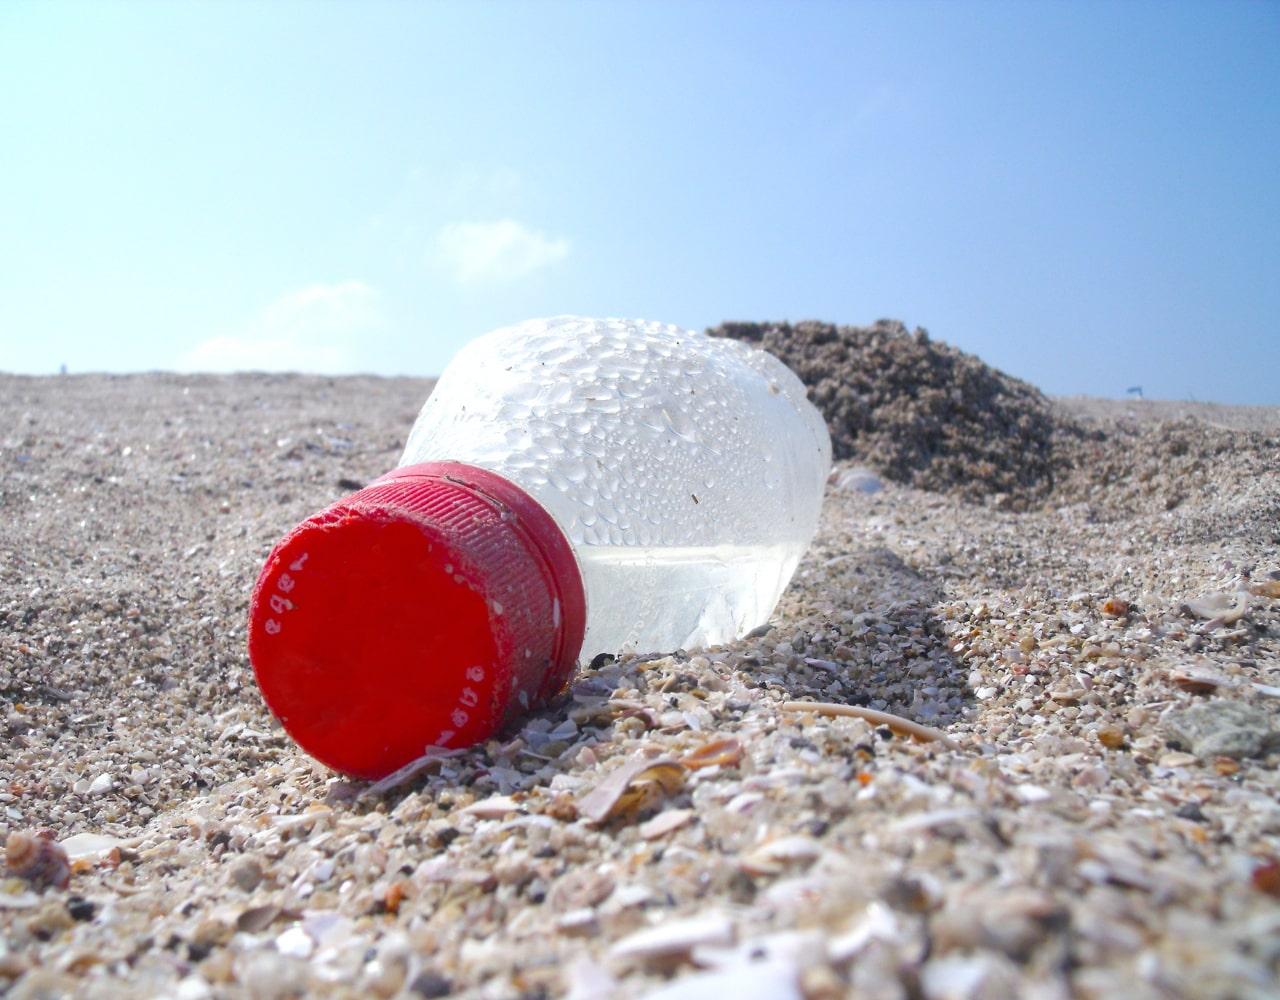 海洋プラスチック、地球温暖化による影響